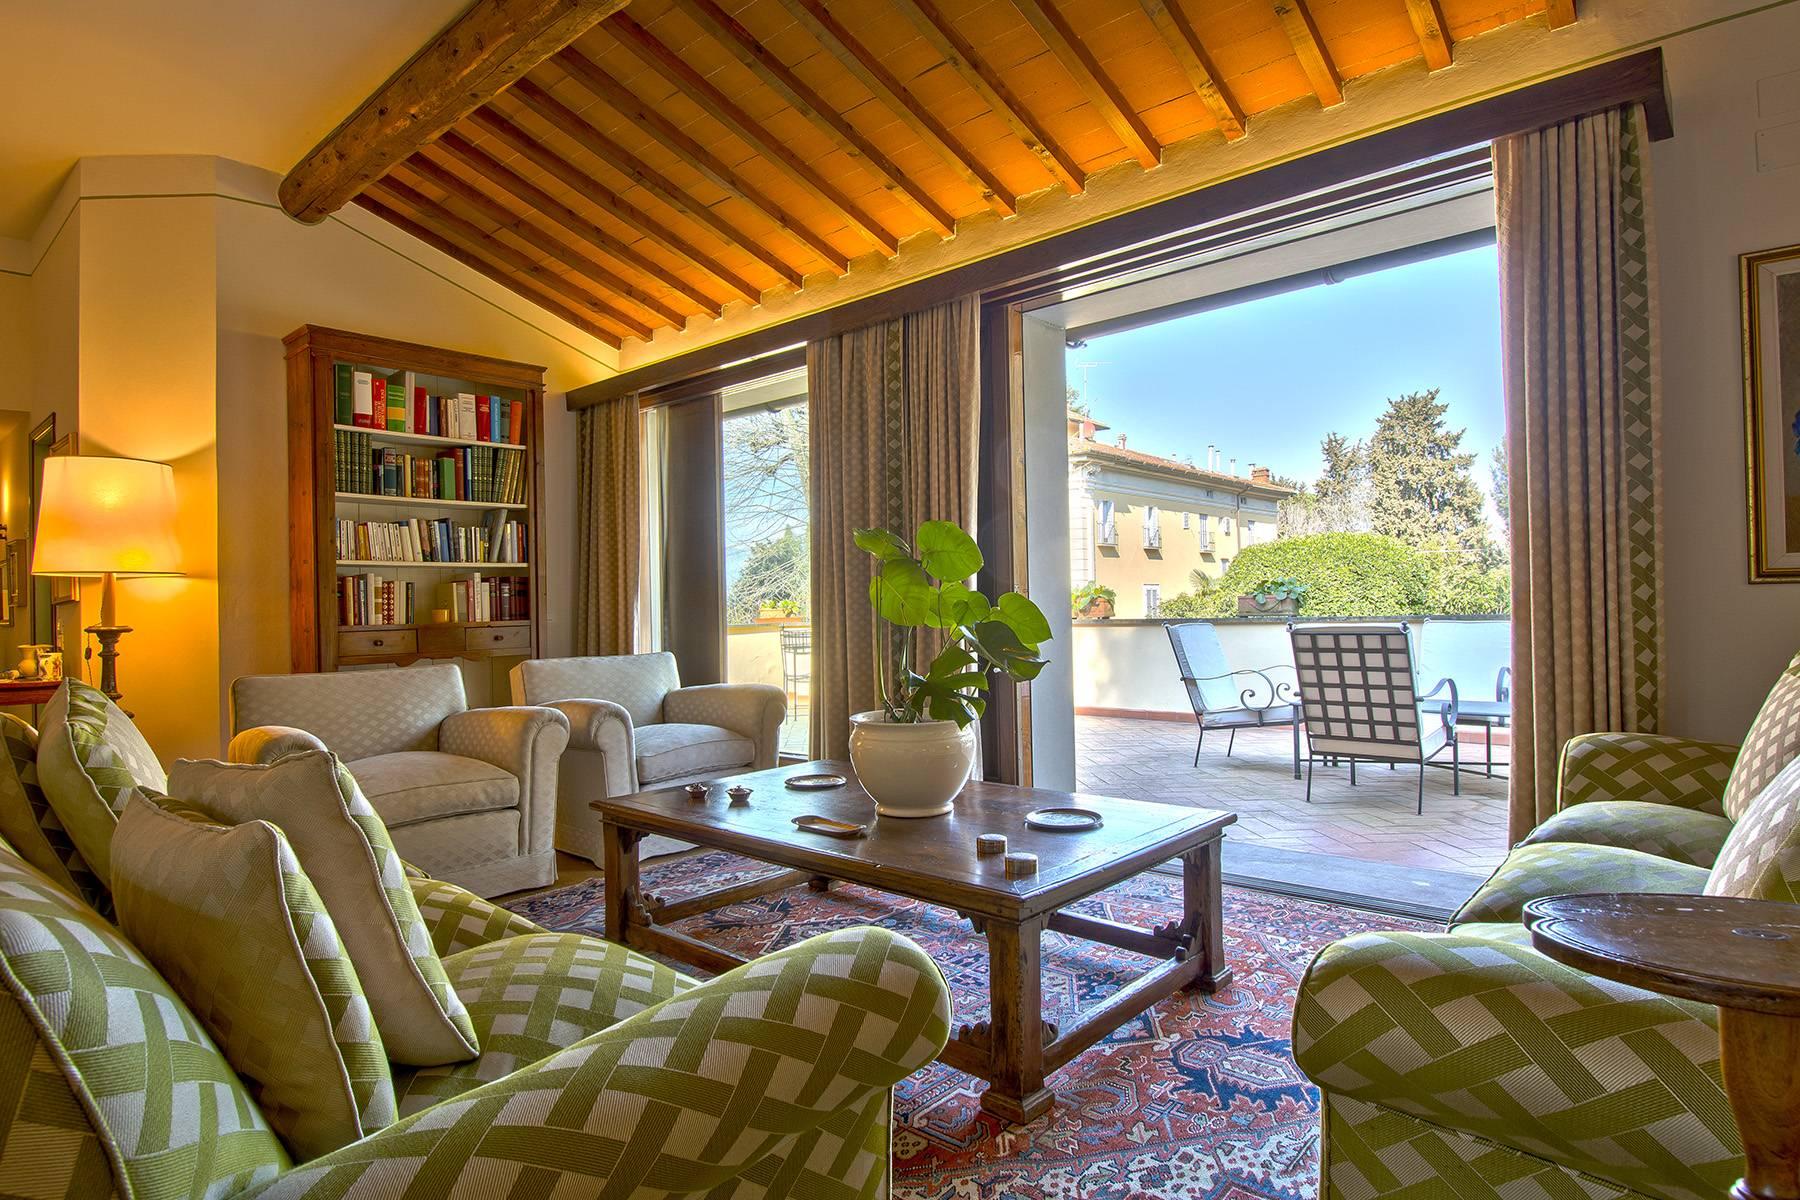 Appartamento in Vendita a Firenze: 5 locali, 182 mq - Foto 1